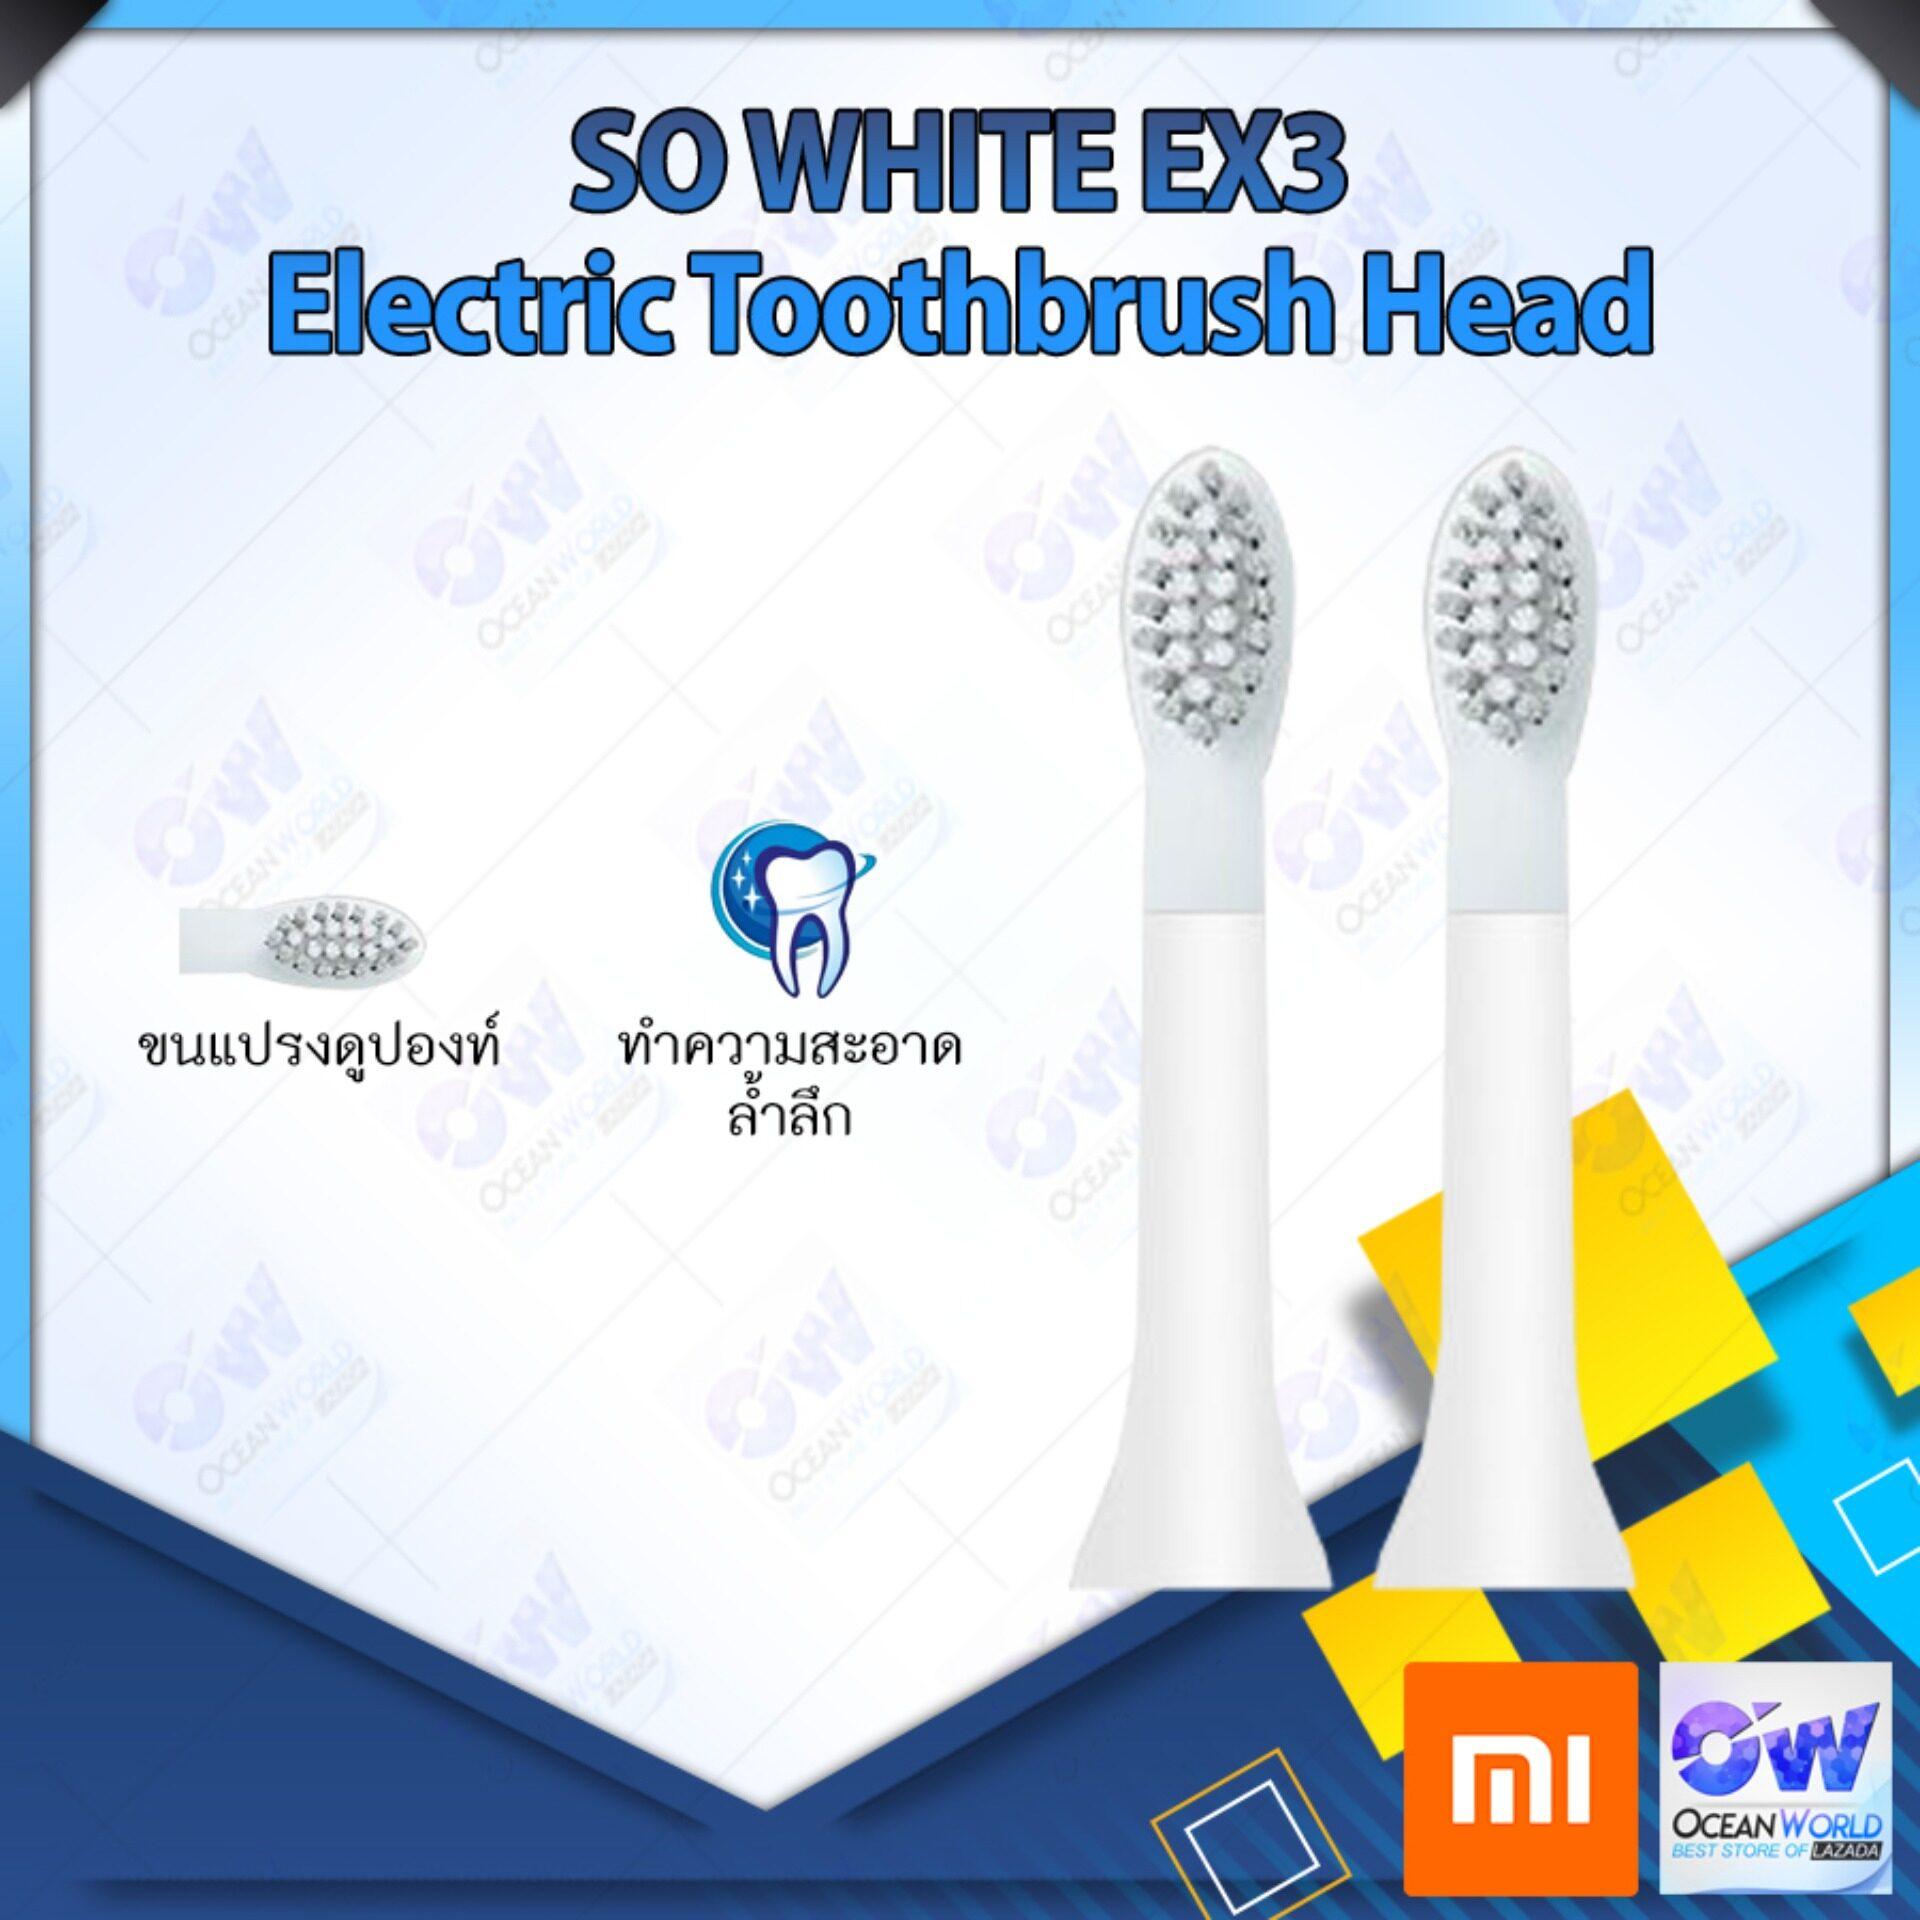 แปรงสีฟันไฟฟ้าเพื่อรอยยิ้มขาวสดใส พัทลุง Electric toothbrush head  พร้อมจัดส่ง  Xiaomi SO WHITE EX3   หัวแปรงสีฟันไฟฟ้า